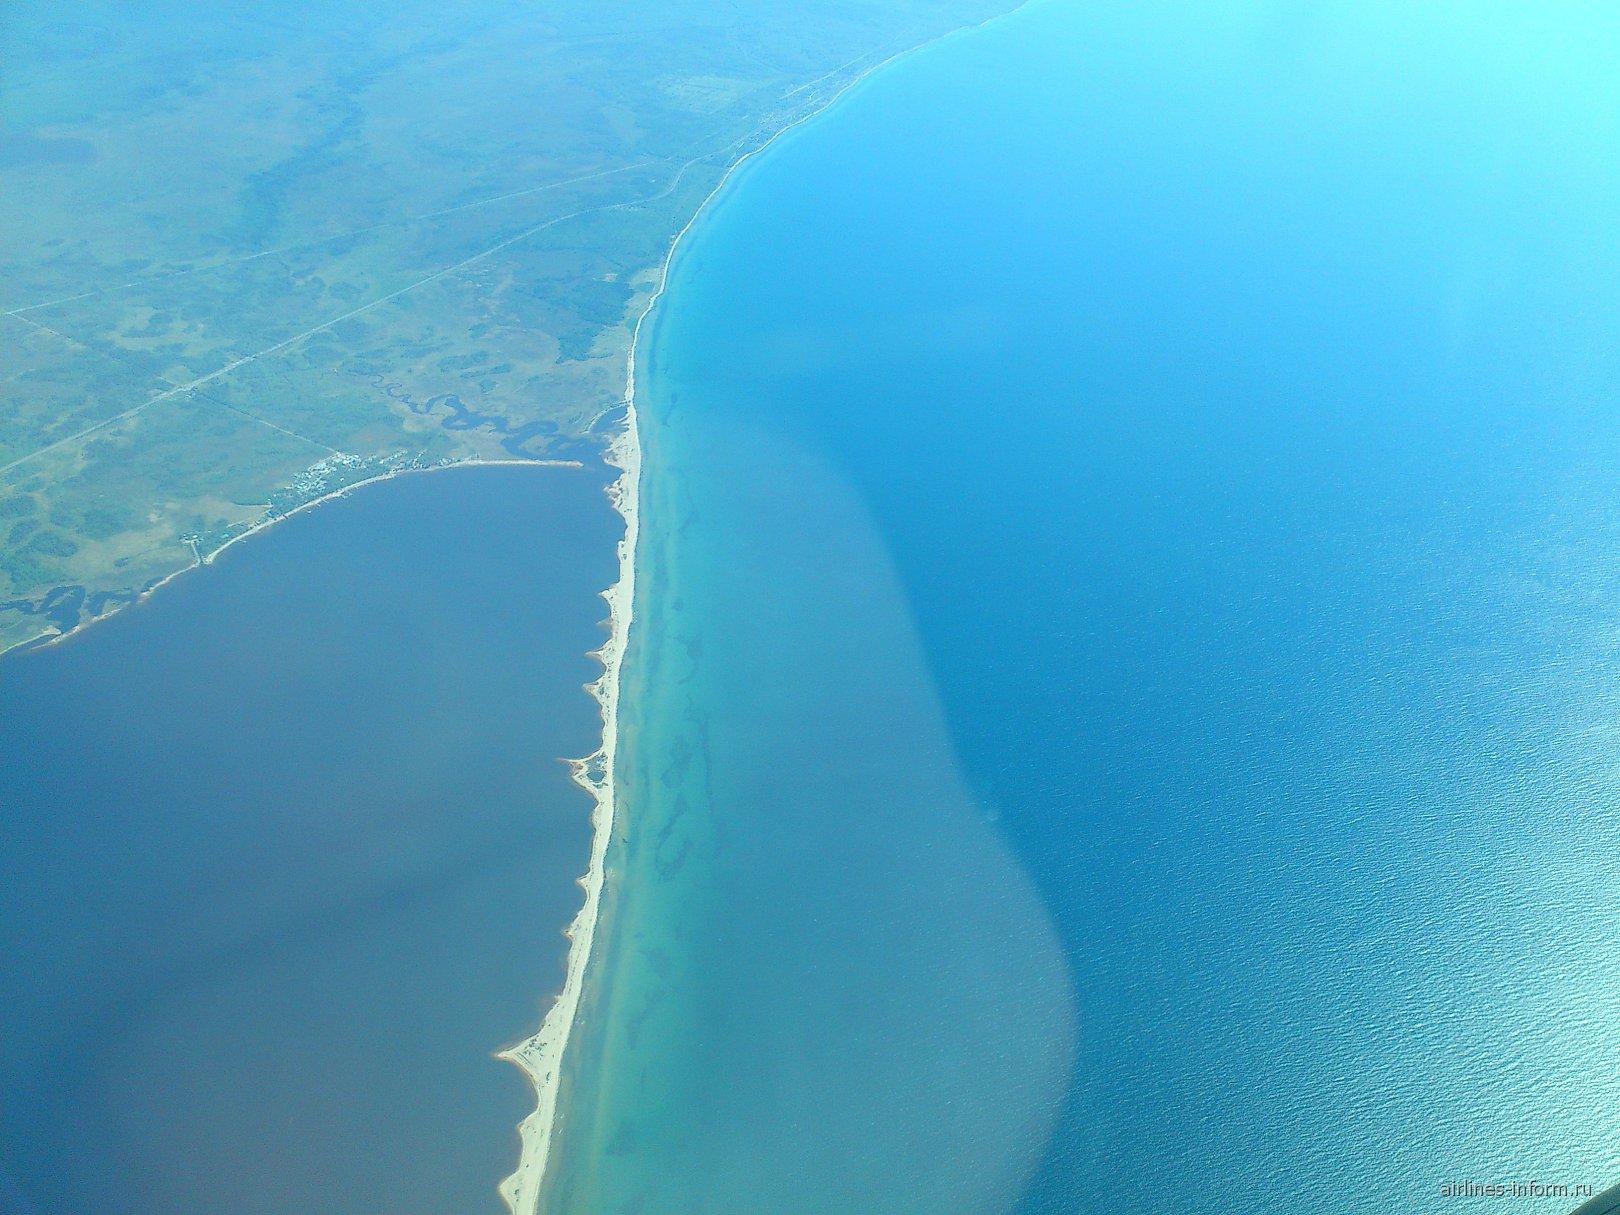 Вид из самолета на озеро Байкал